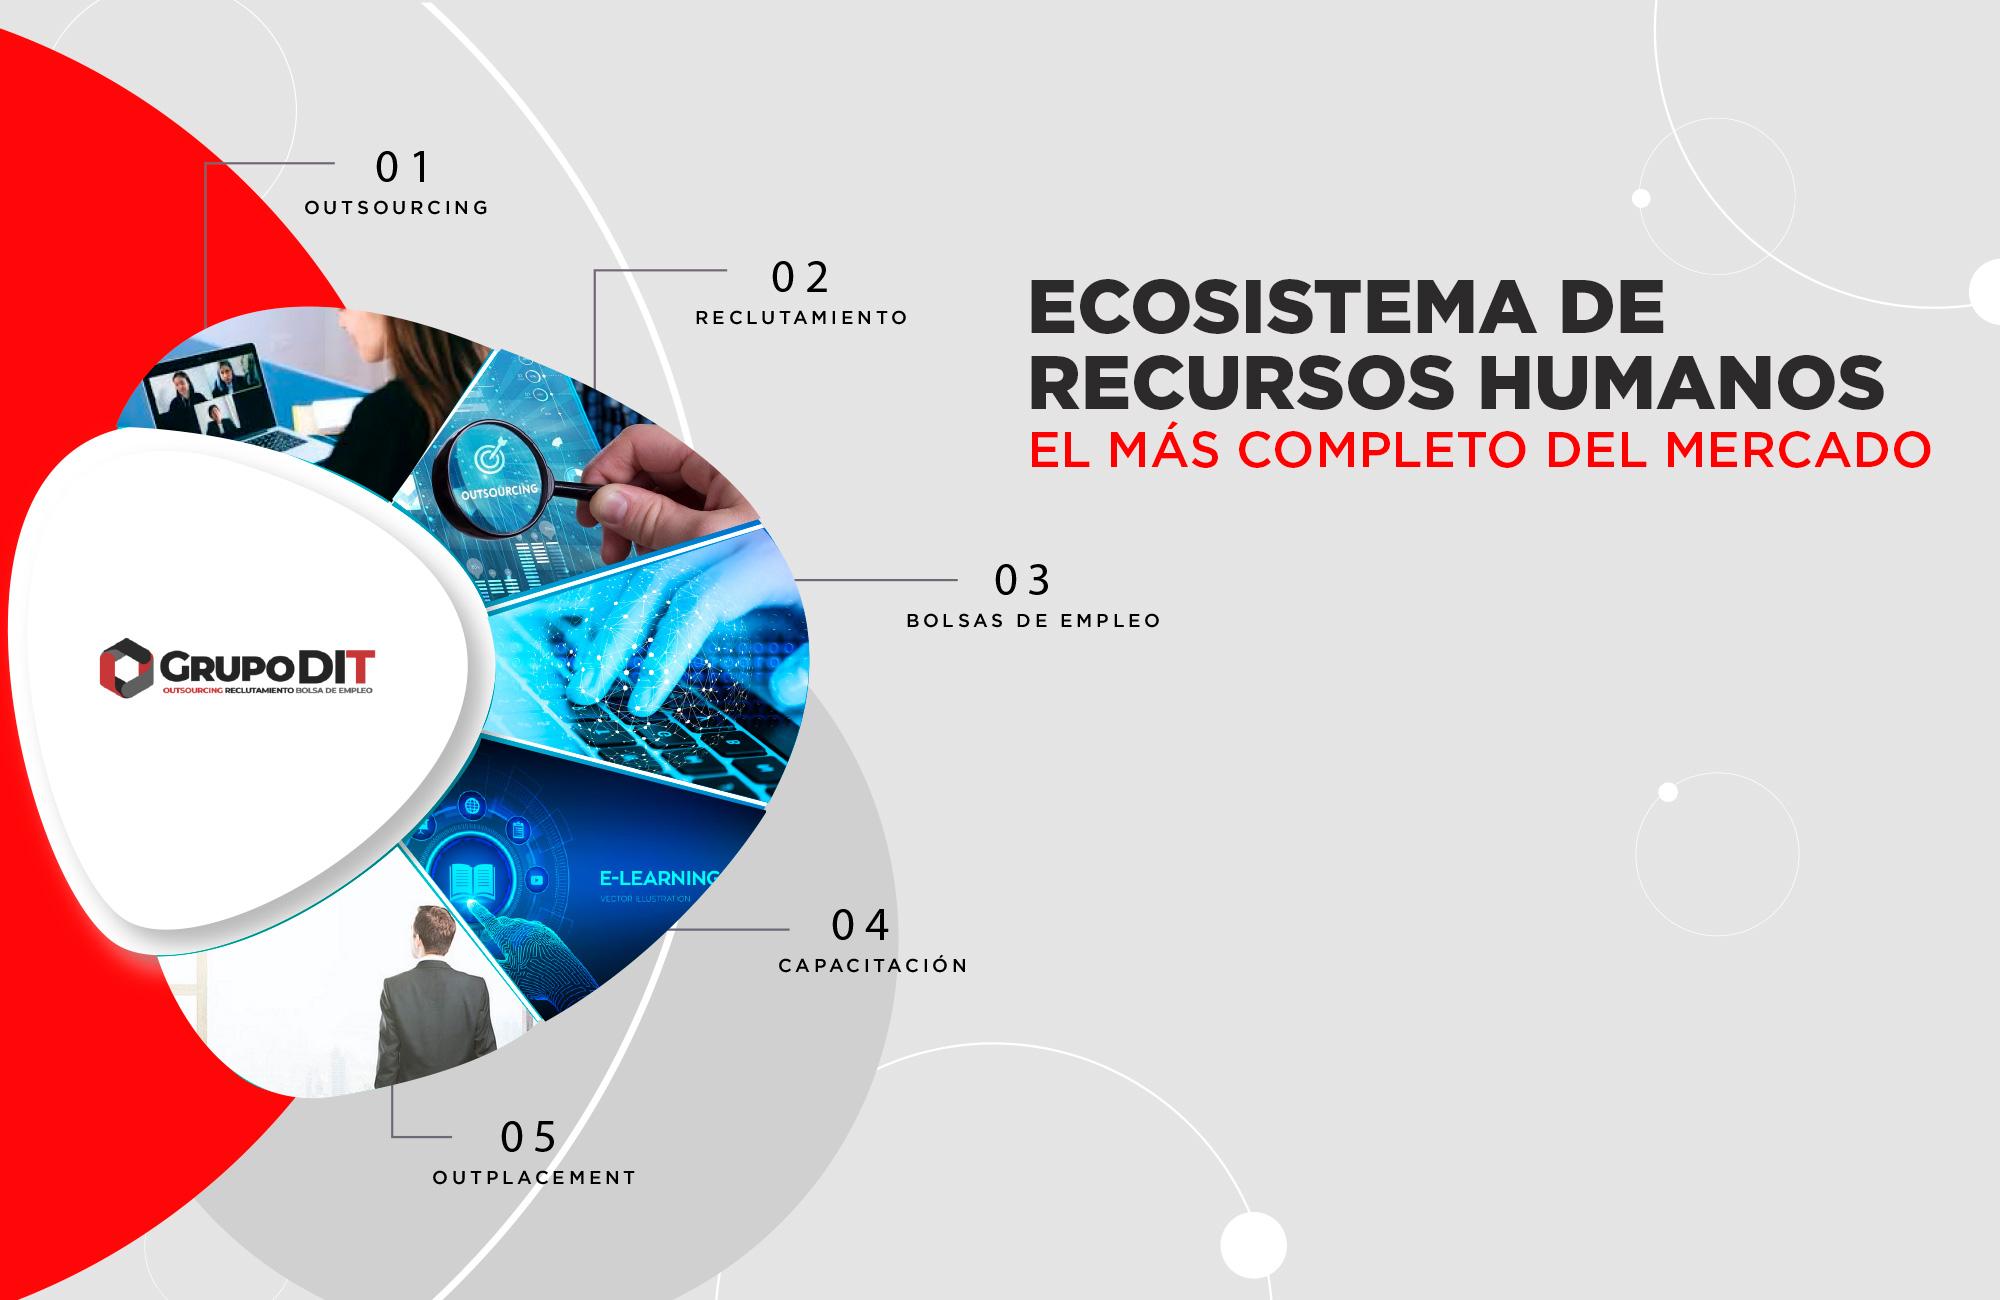 Ecosistema-de-Recursos-Humanos-de-Grupo-DIT